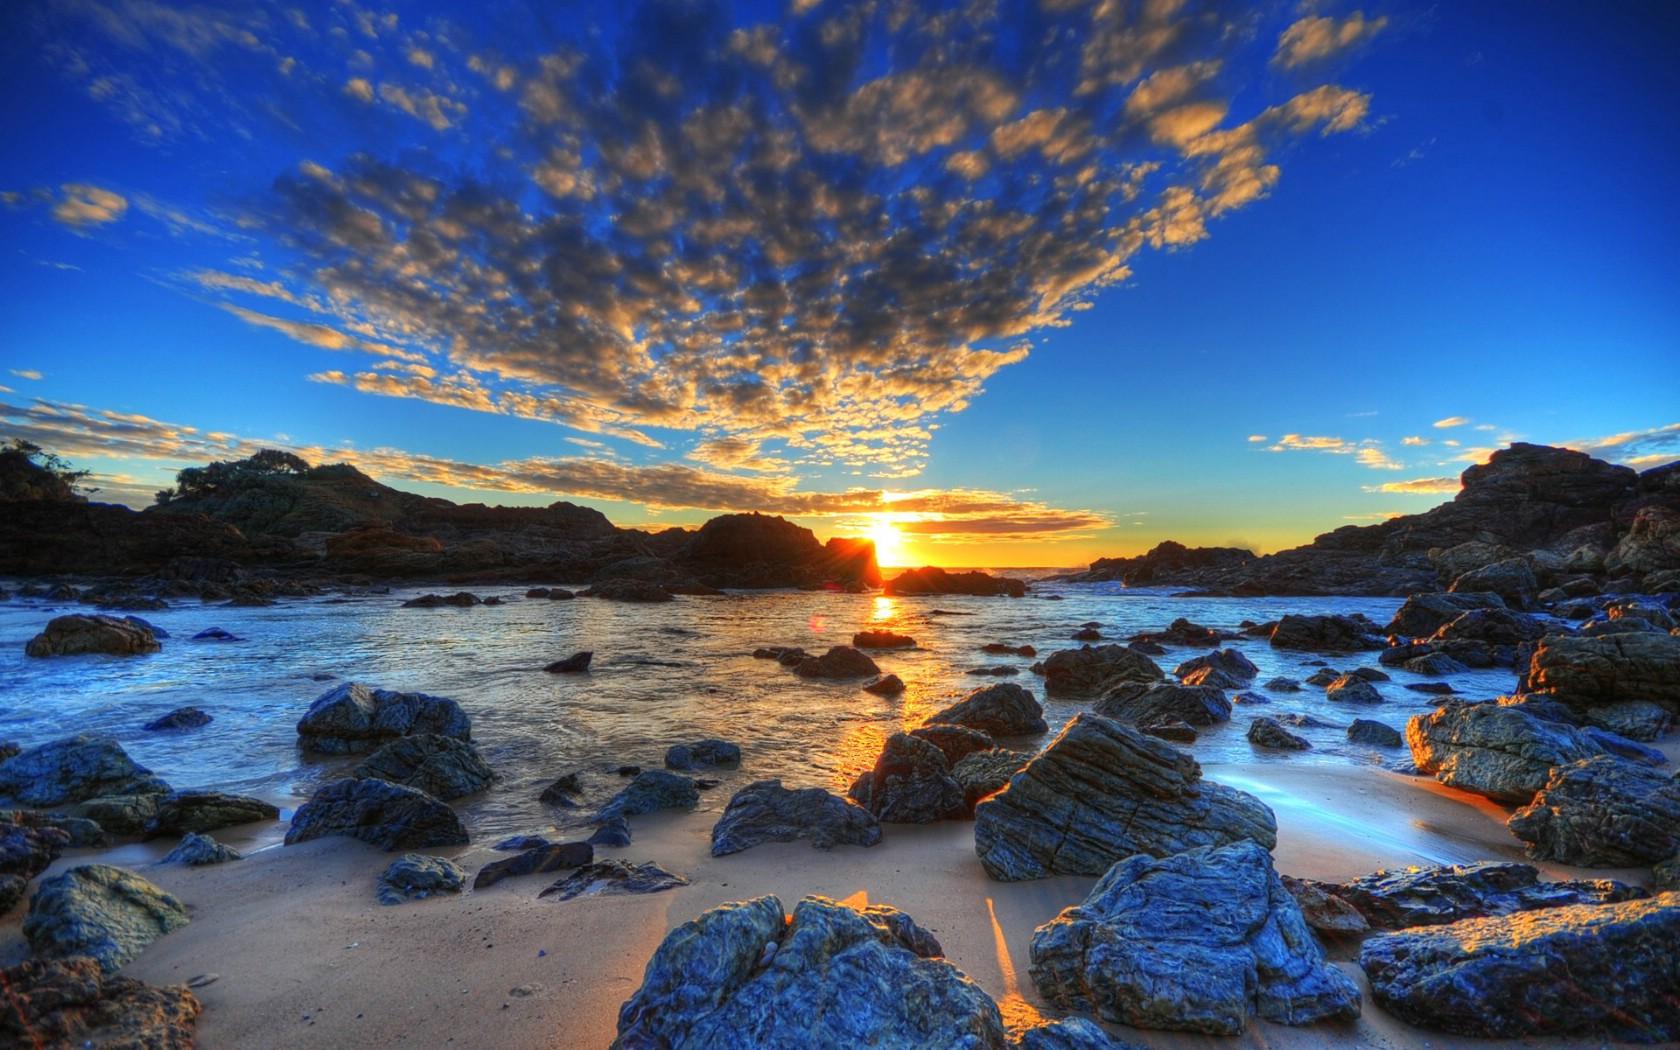 壁纸1680×1050hdr 澳洲悉尼岩石区美景壁纸壁纸,澳洲悉尼风景摄影集